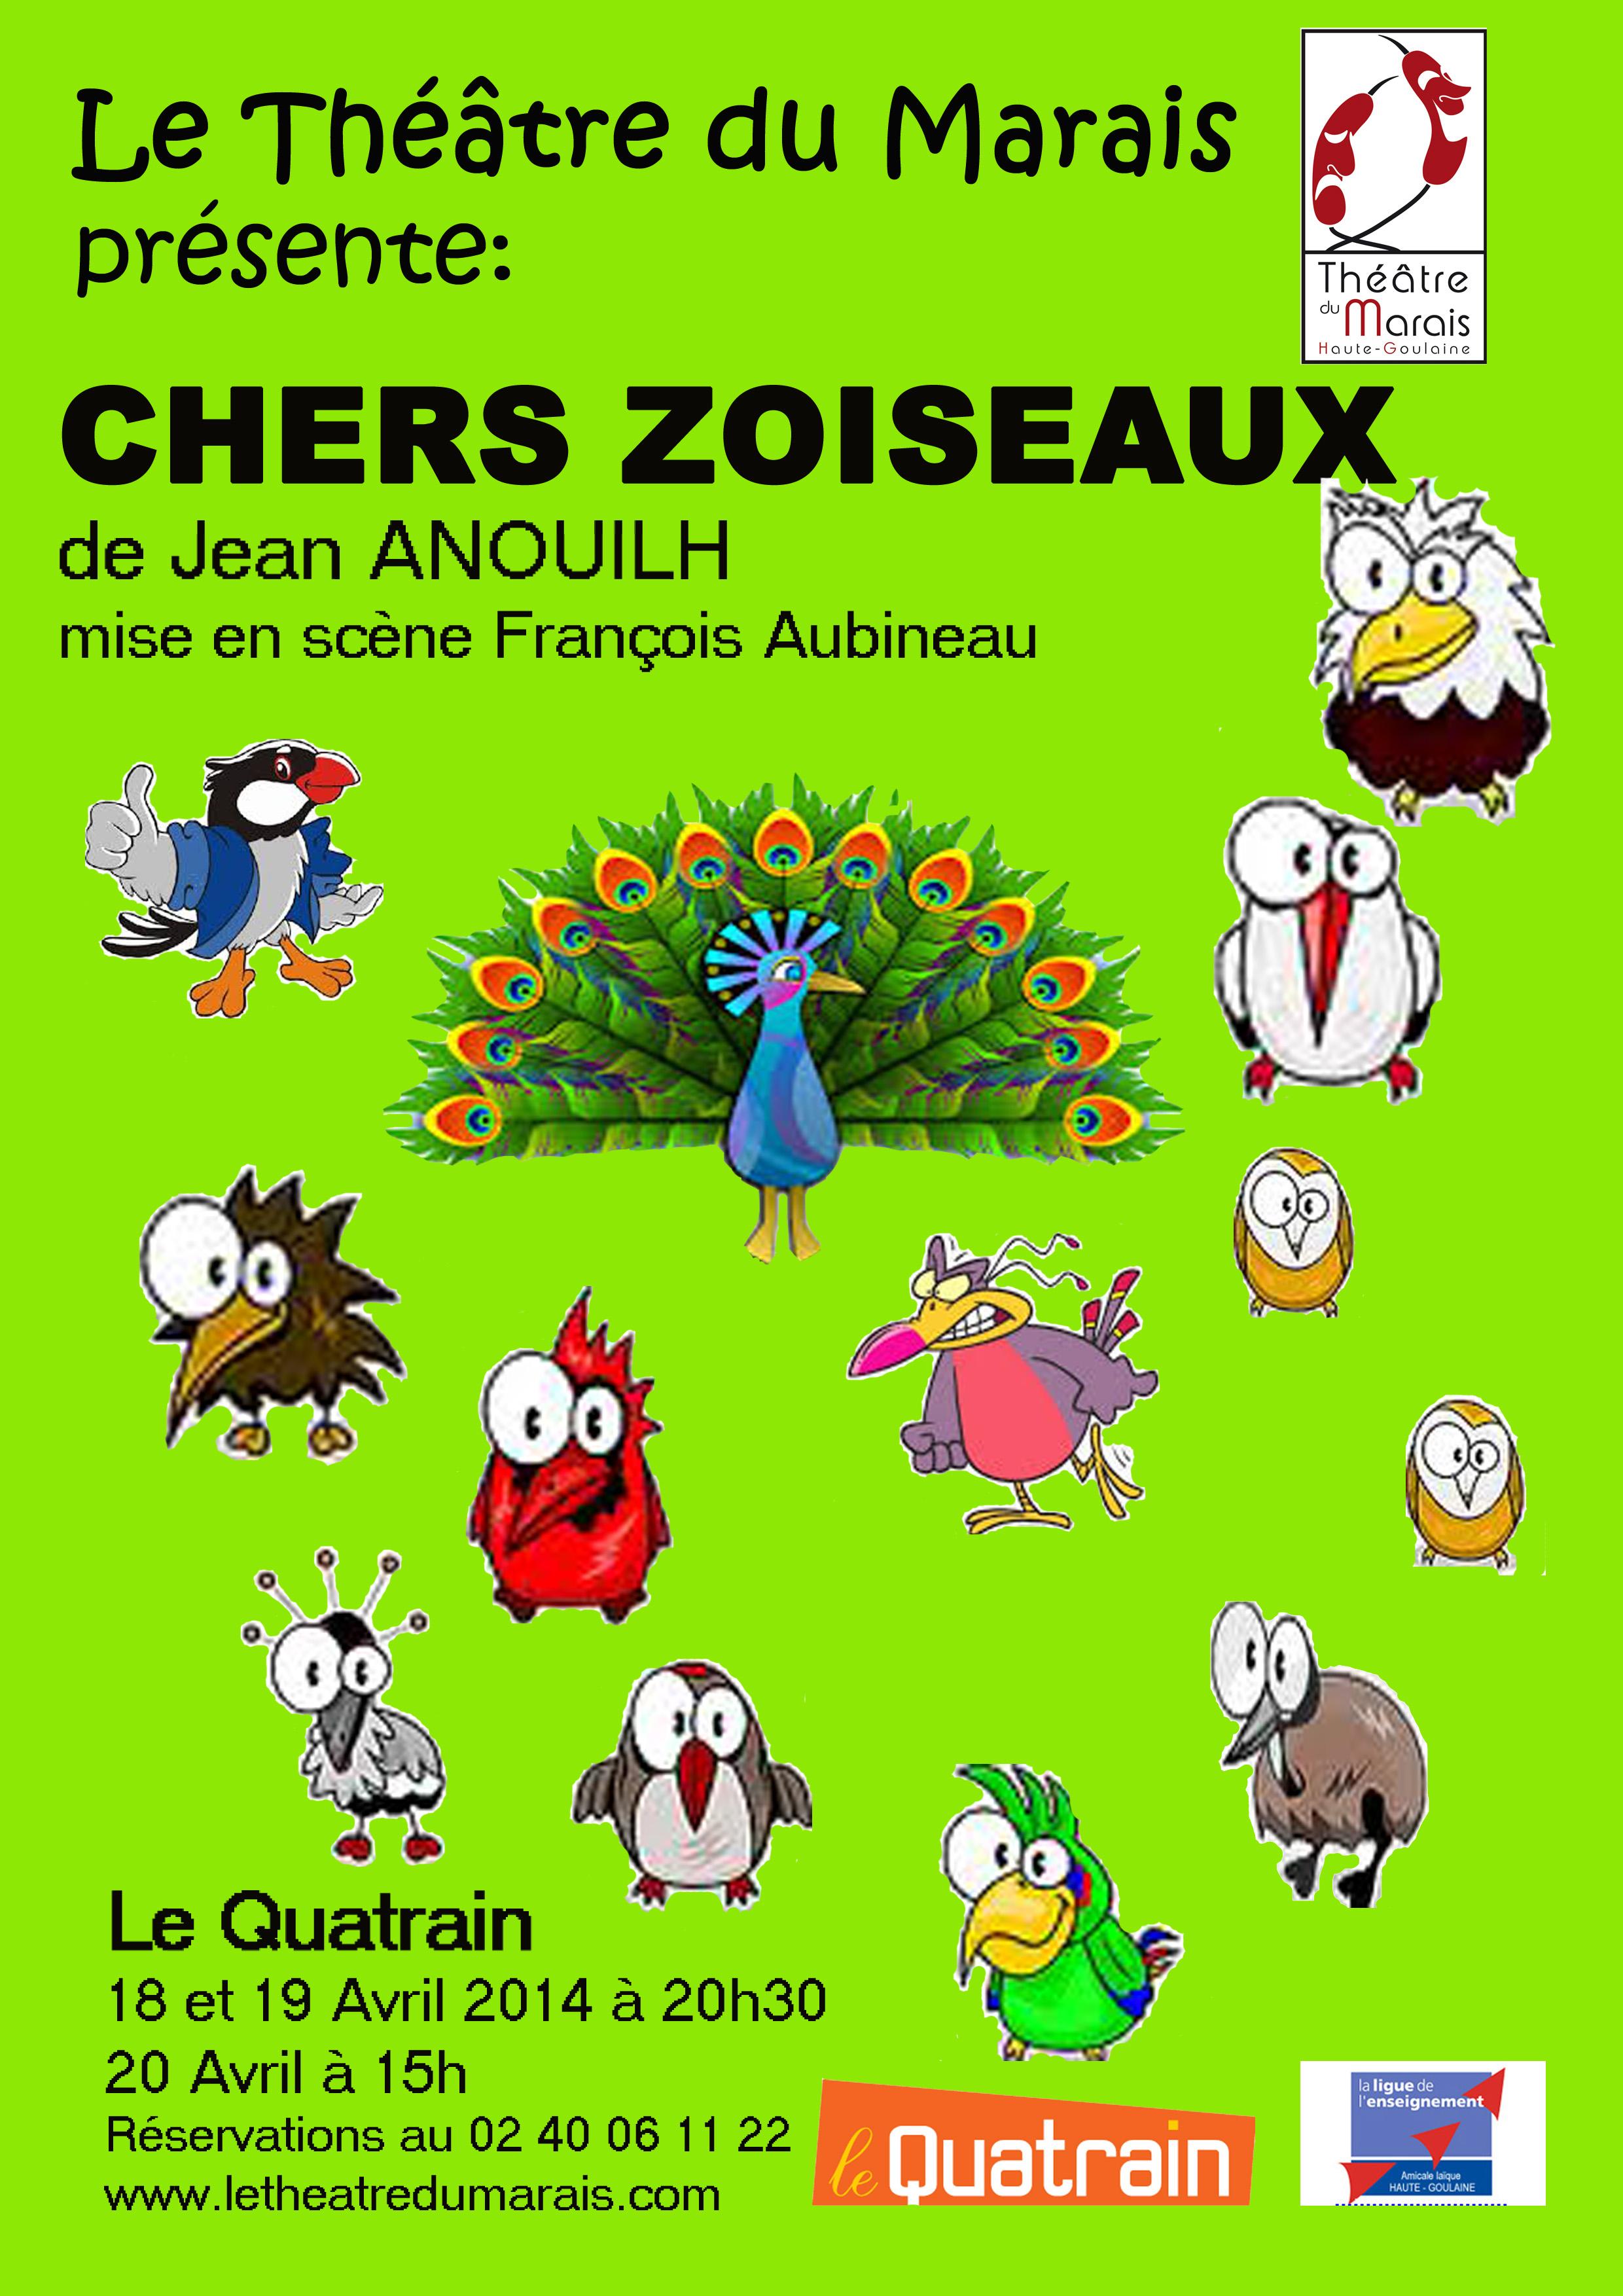 Affiche du théâtre du marais 2014